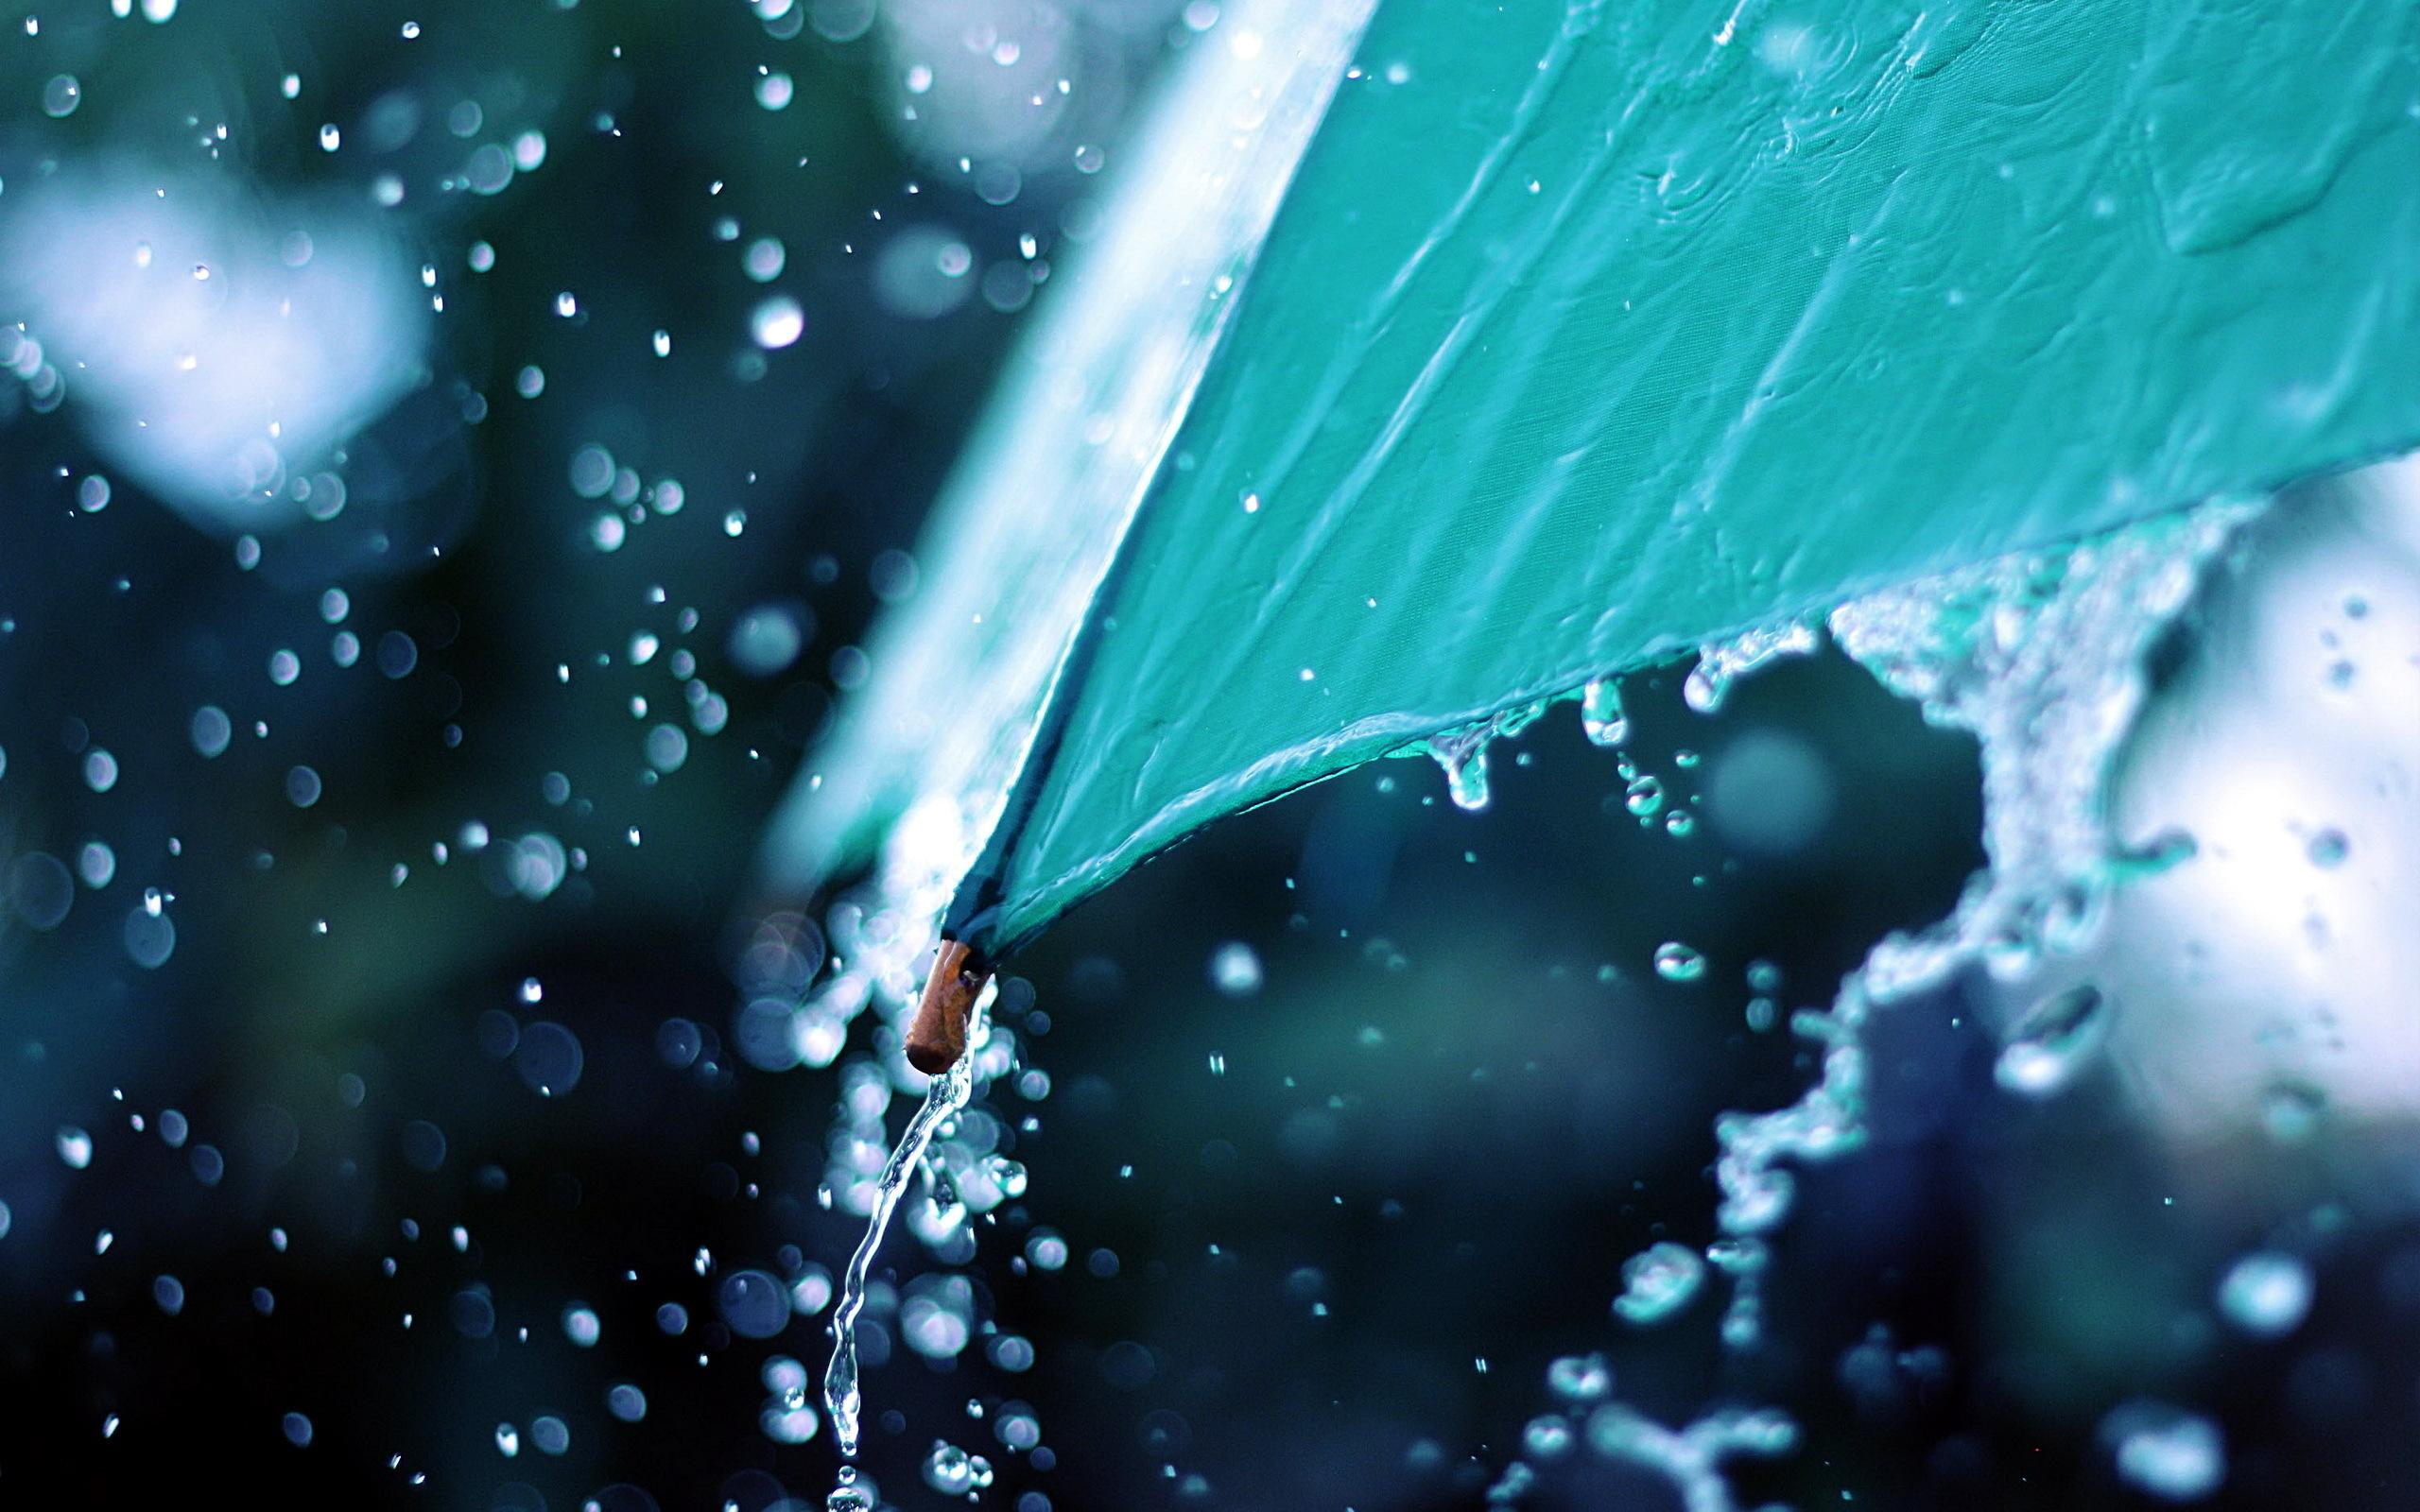 В Самарской области пройдут кратковременные грозовые дожди